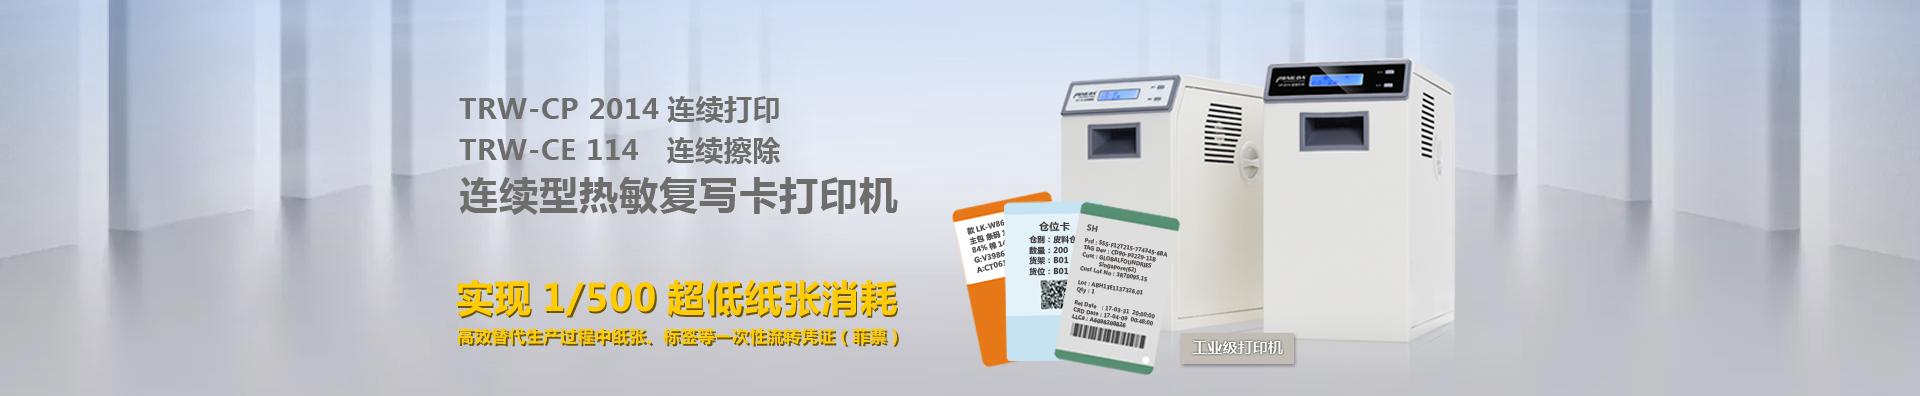 荣大可视卡打印机三年无条件质保